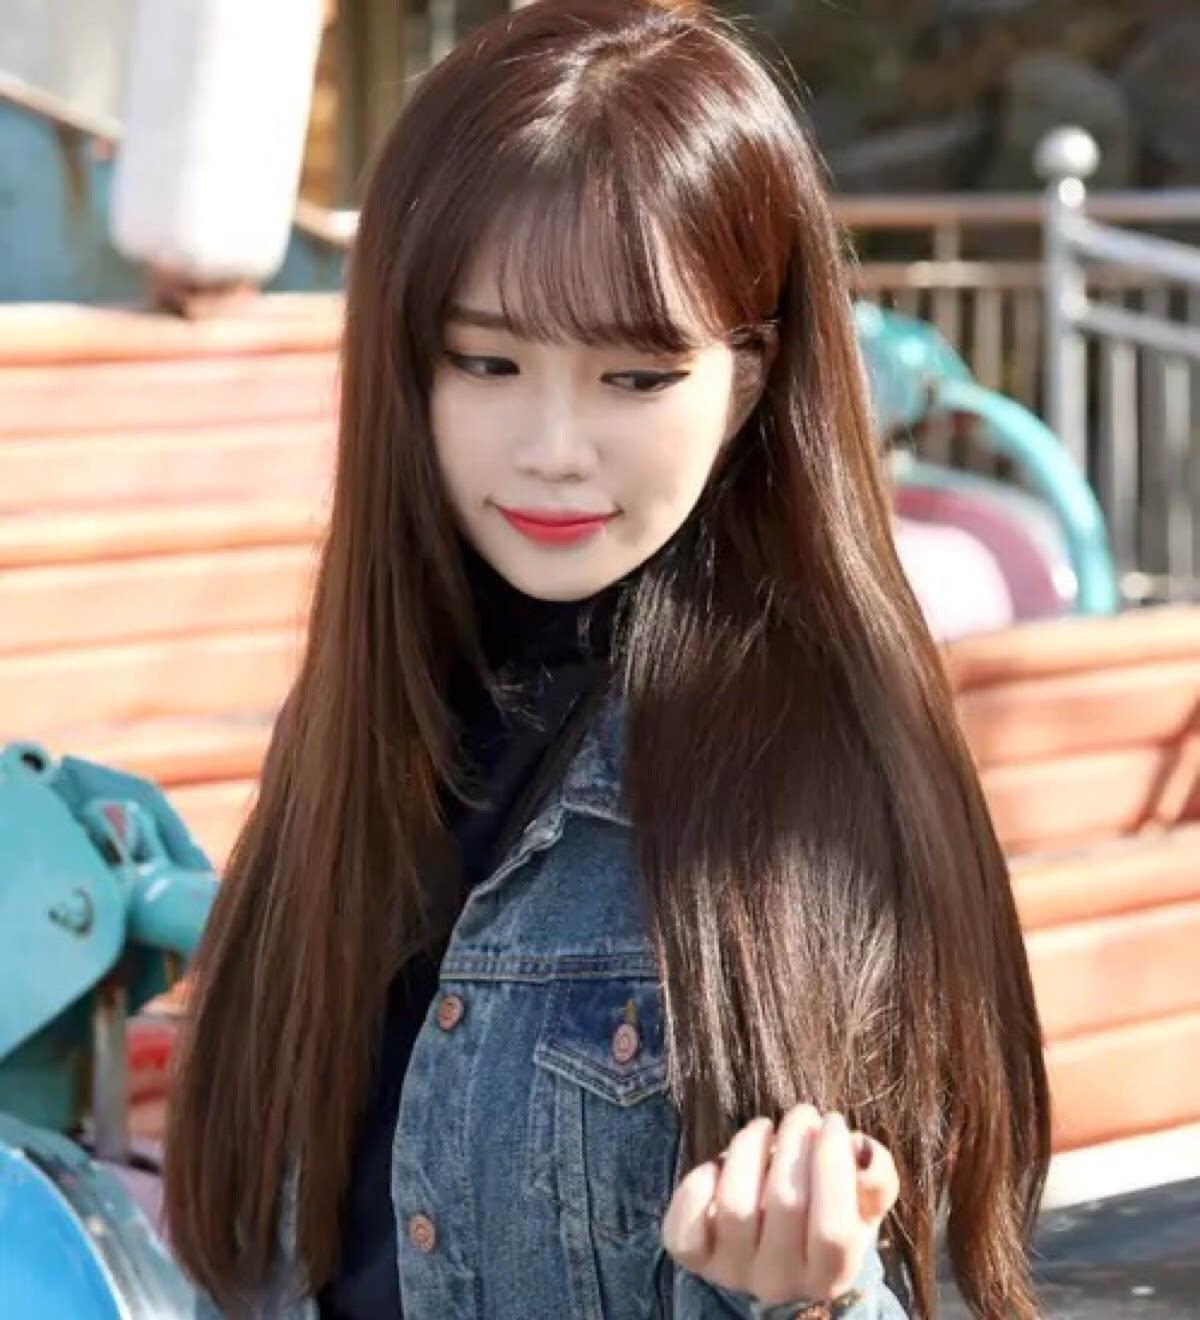 酒红棕色头发图_金褐色头发图片-染了金褐色头发图片,金棕色头发适合什么人 ...